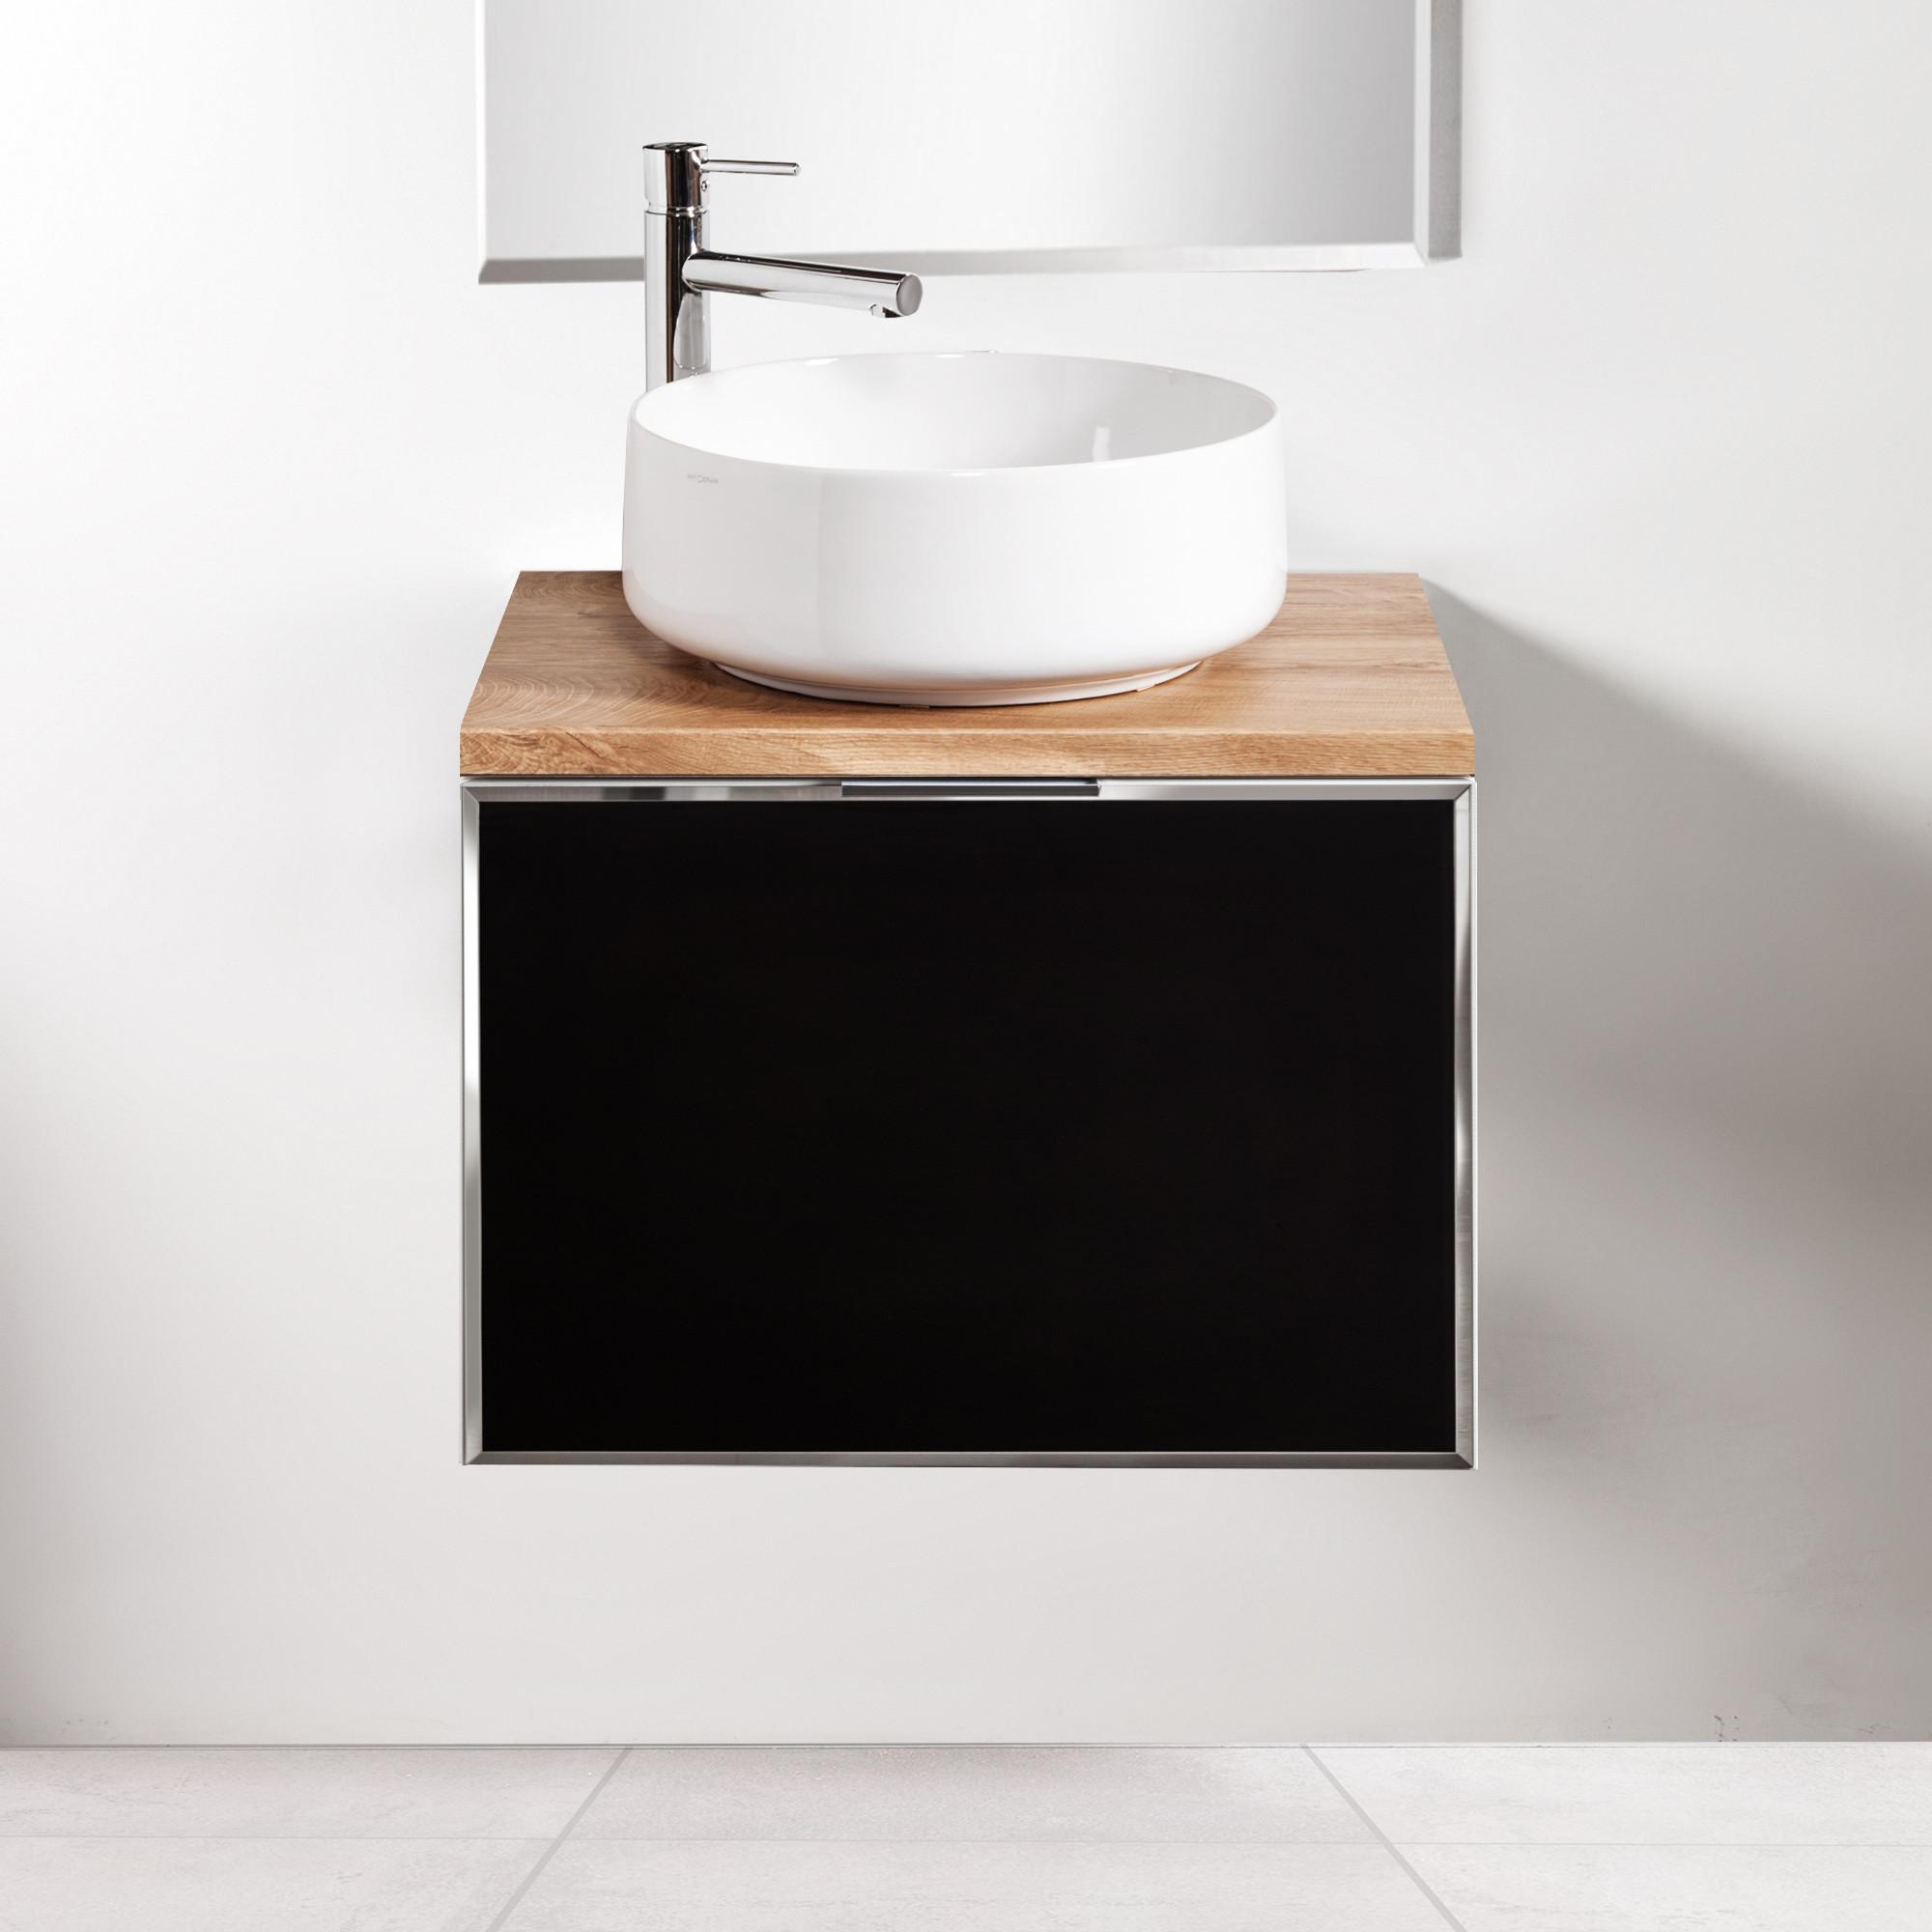 Szafka łazienkowa Sanitti Delta 60 cm kolor frontu czarny z blatem dąb classic i umywalką Art-42